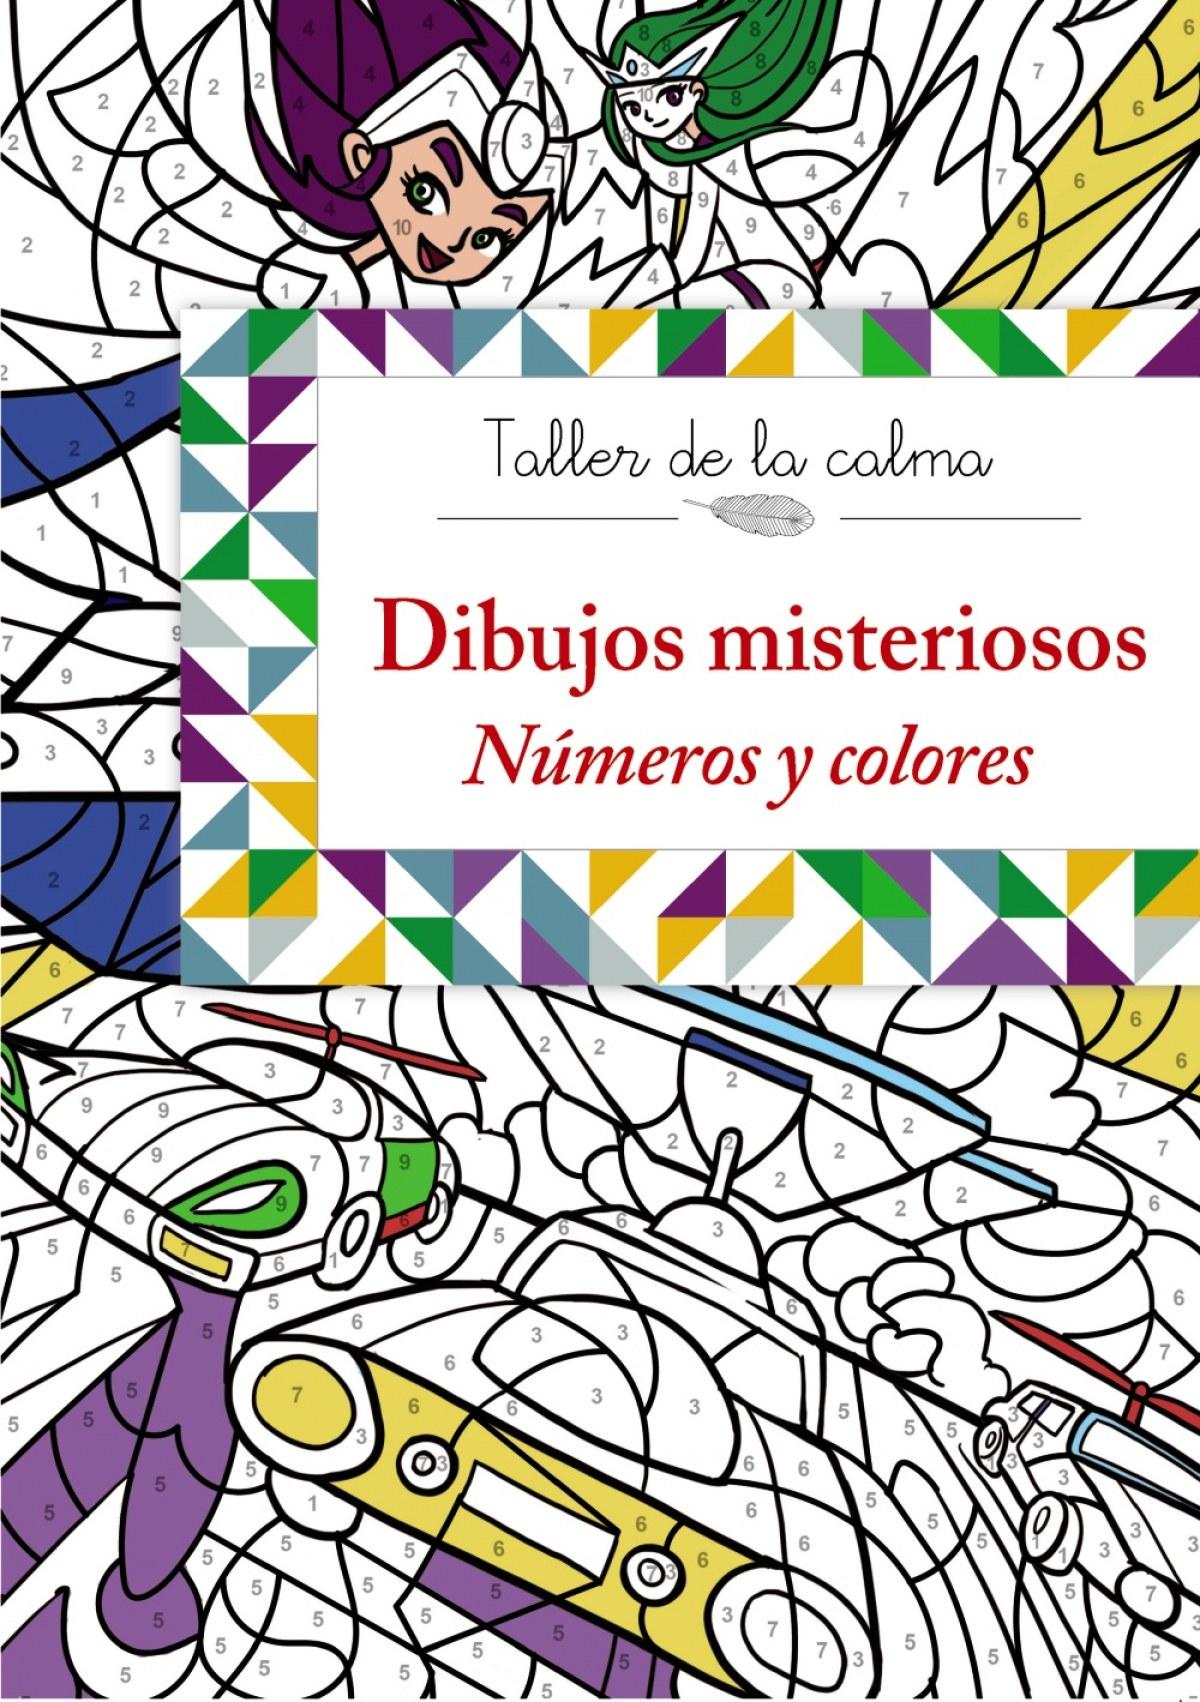 Dibujos misteriosos:números y colores 9788469604564